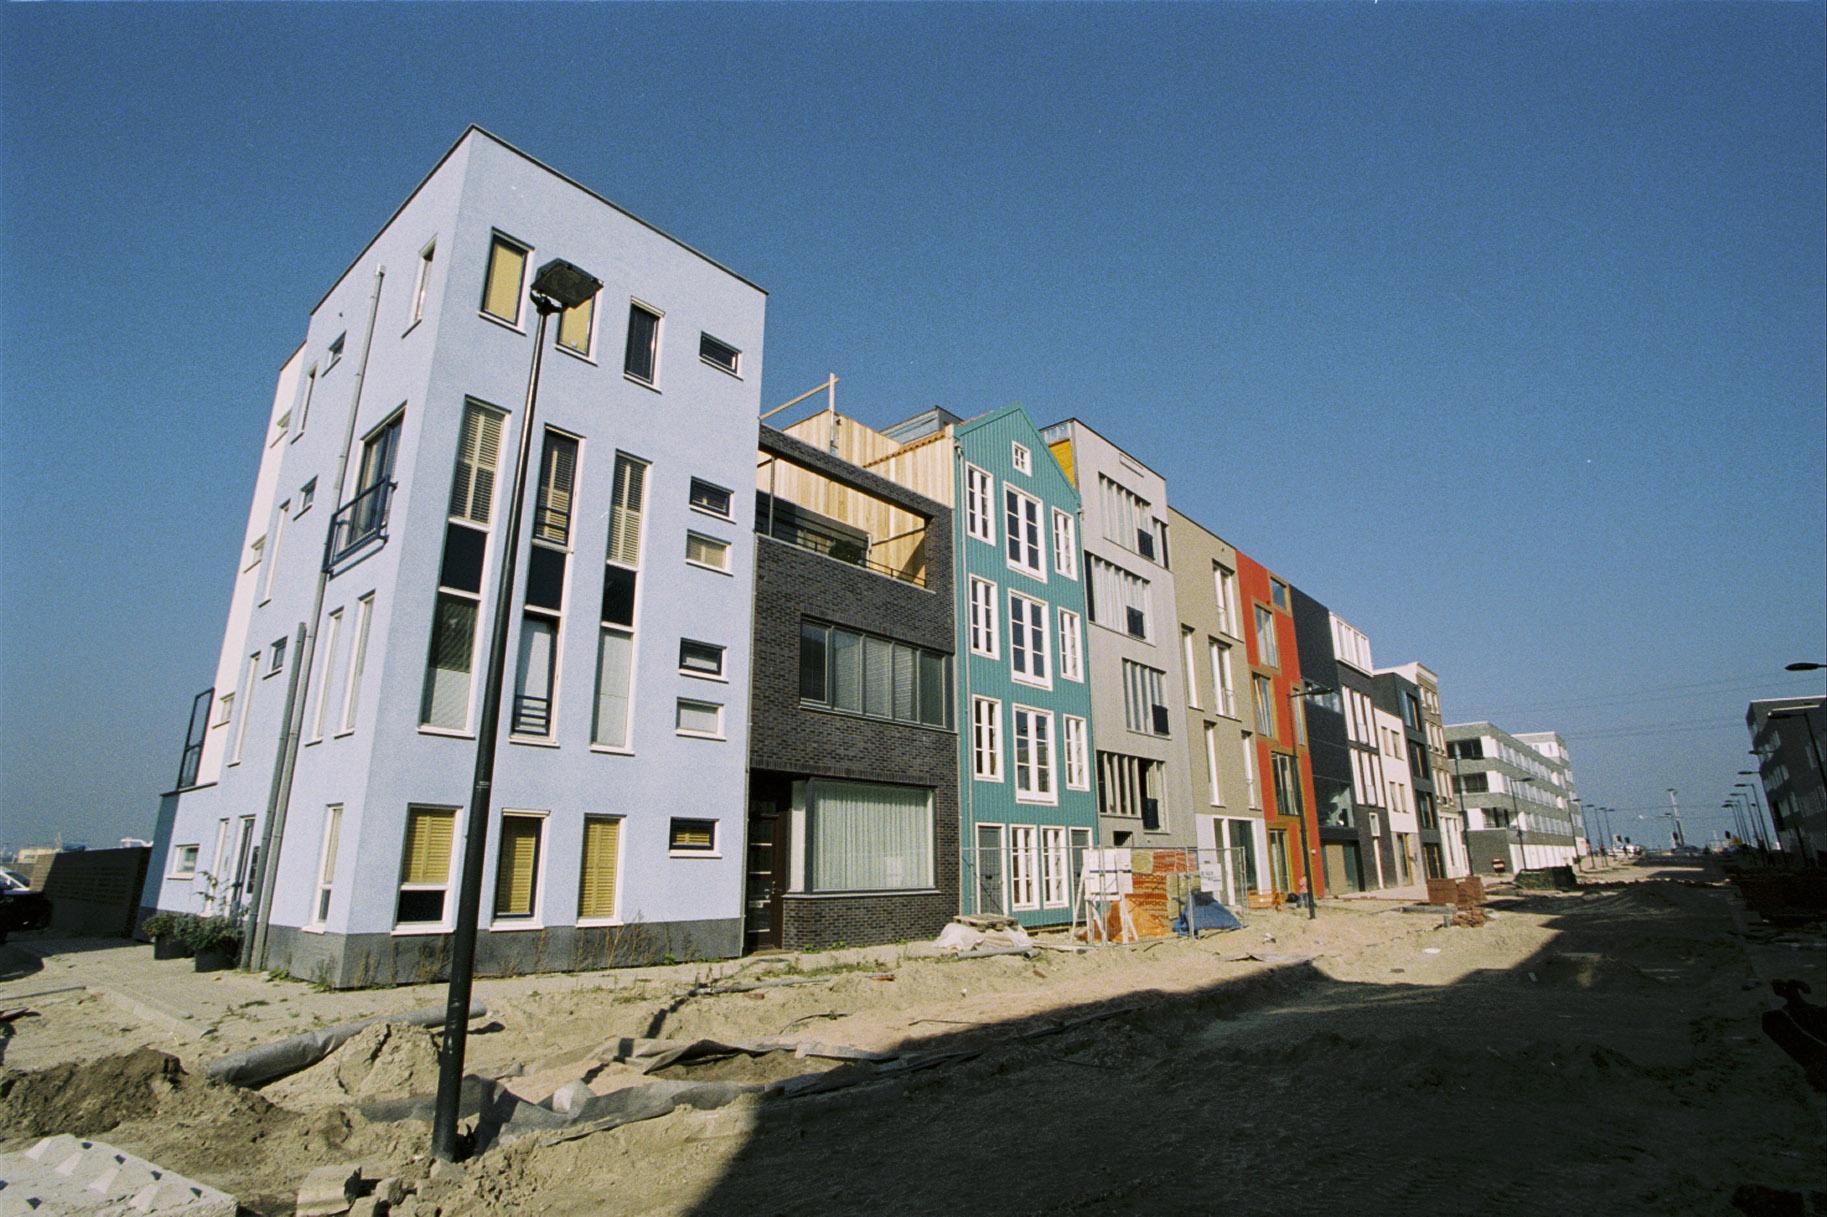 Wonen In Ijburg : Ijburg u de gebouwengids